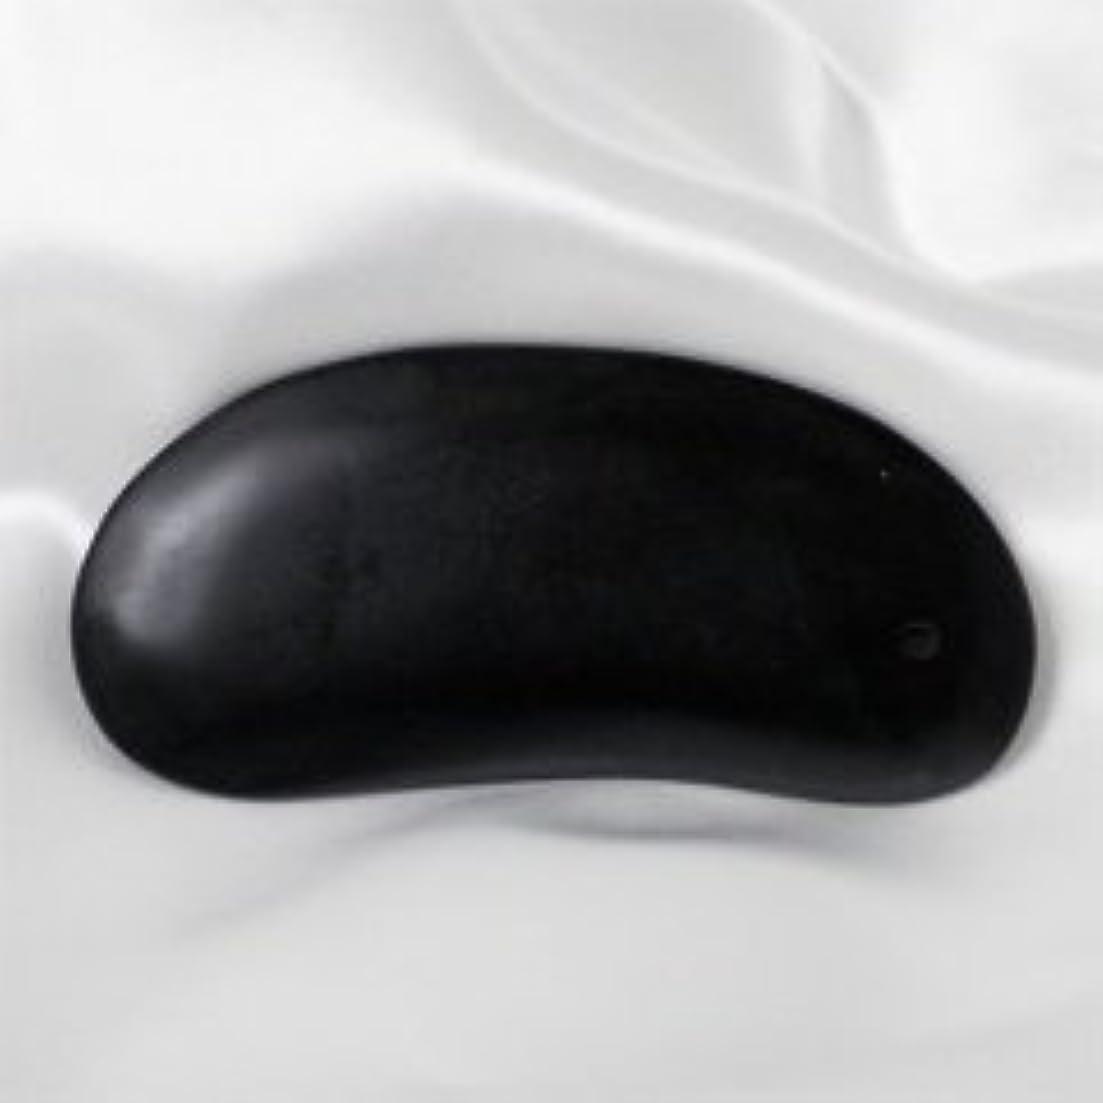 マエストロ一回同意する天然ベン石(泗濱浮石 しふんせき) カッサ、マッサージプレート